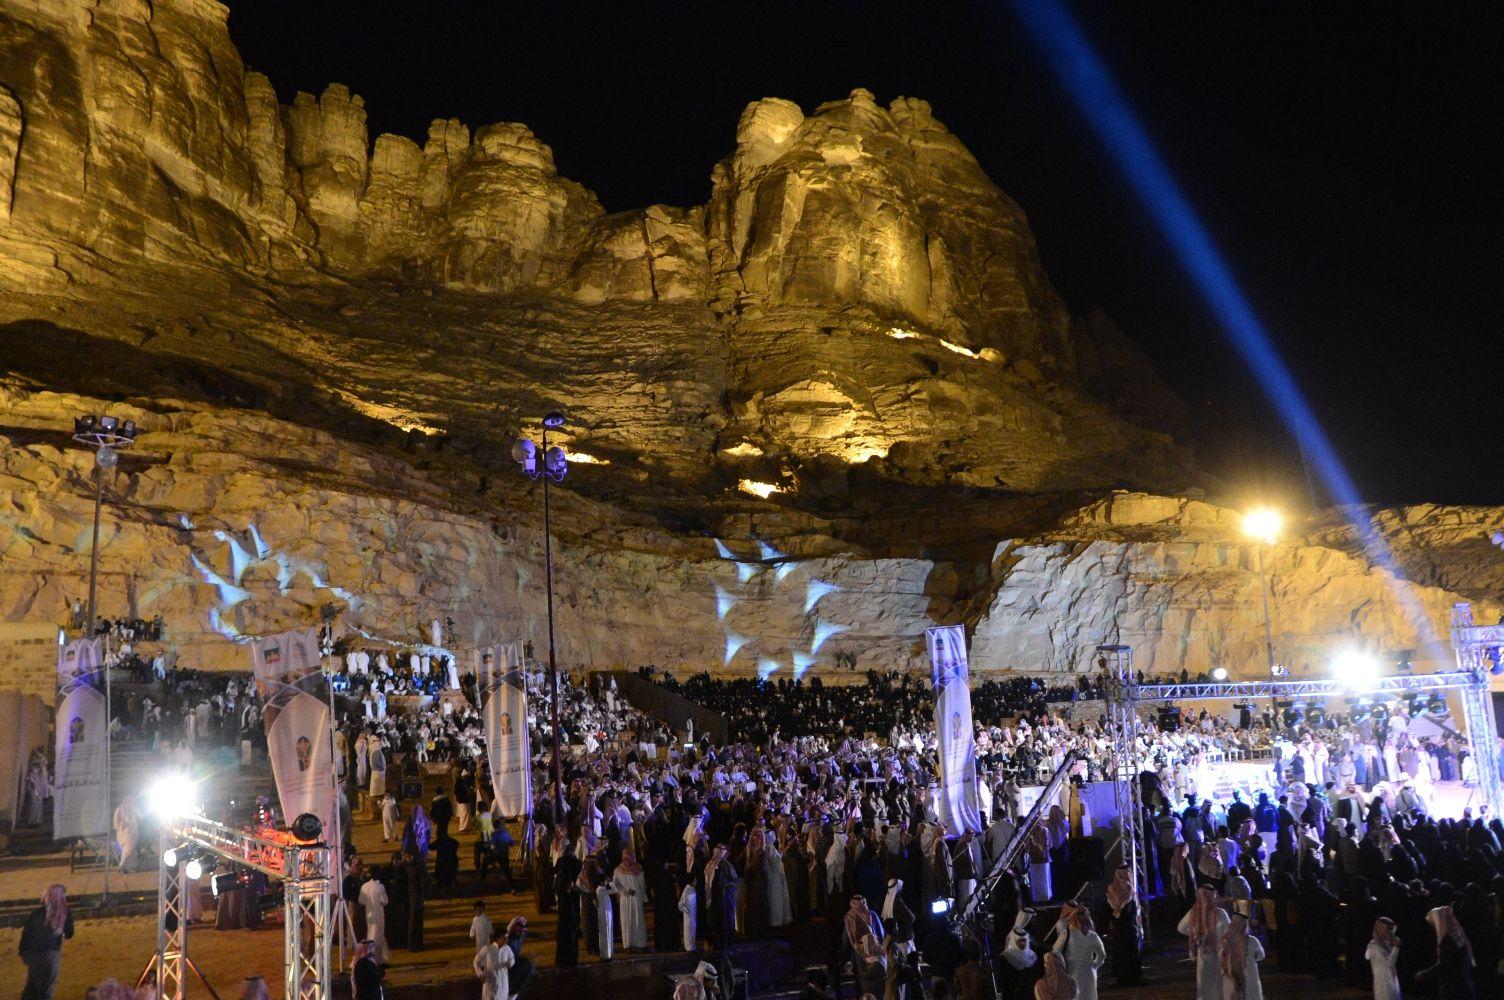 افضل مقومات السياحة العلاجية فى المملكه العربيه السعودية | السياحة العلاجية فى السعودية